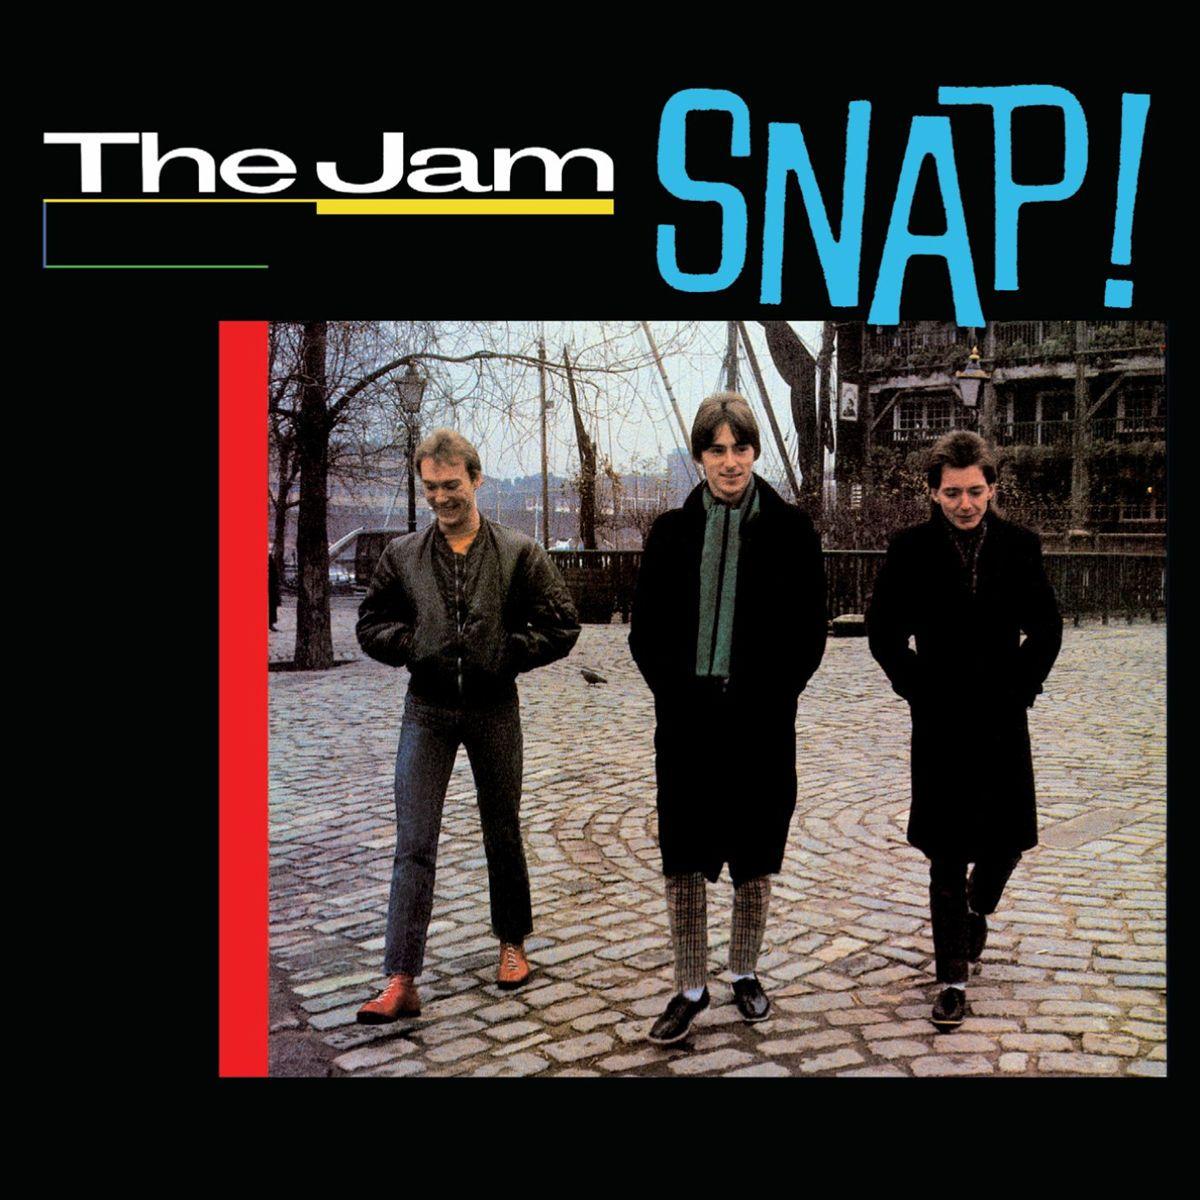 The Jam Compact Snap Album Covers In 2019 Album